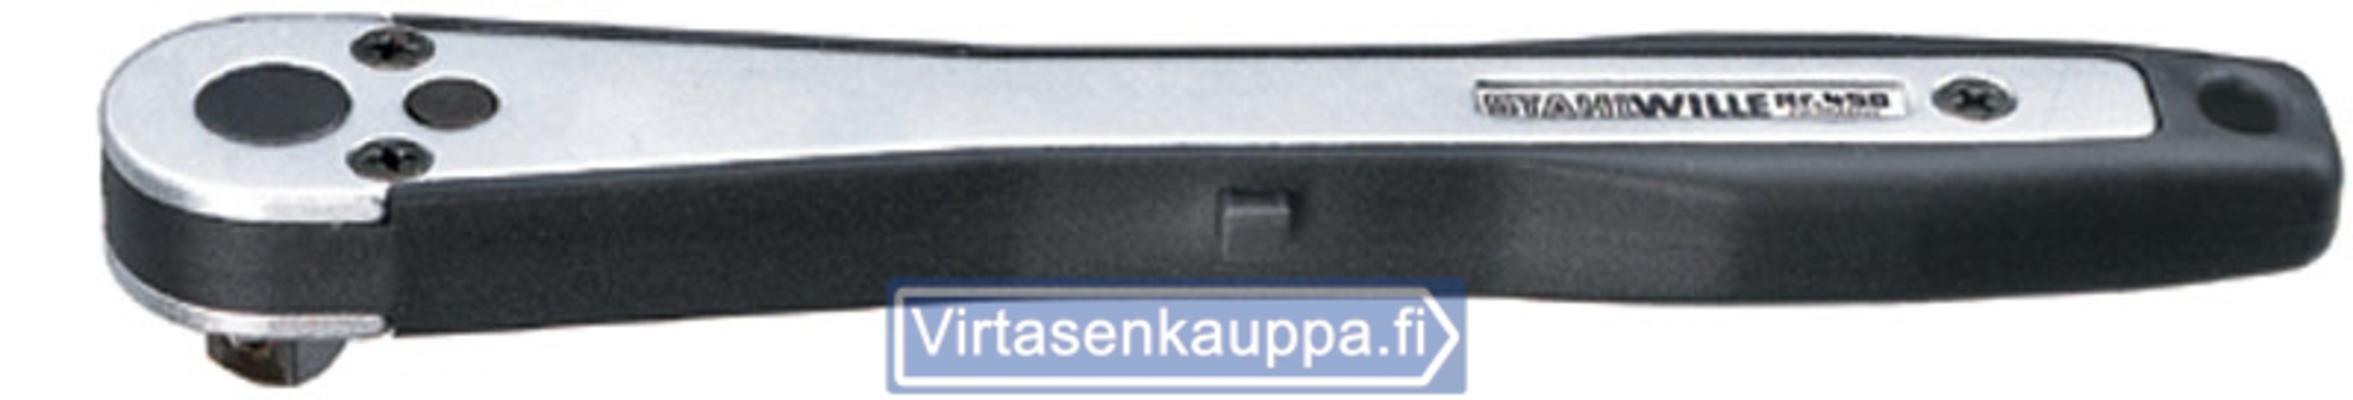 """Räikkäväännin 3/8"""", Stahlwille - Räikkäväännin 3/8"""